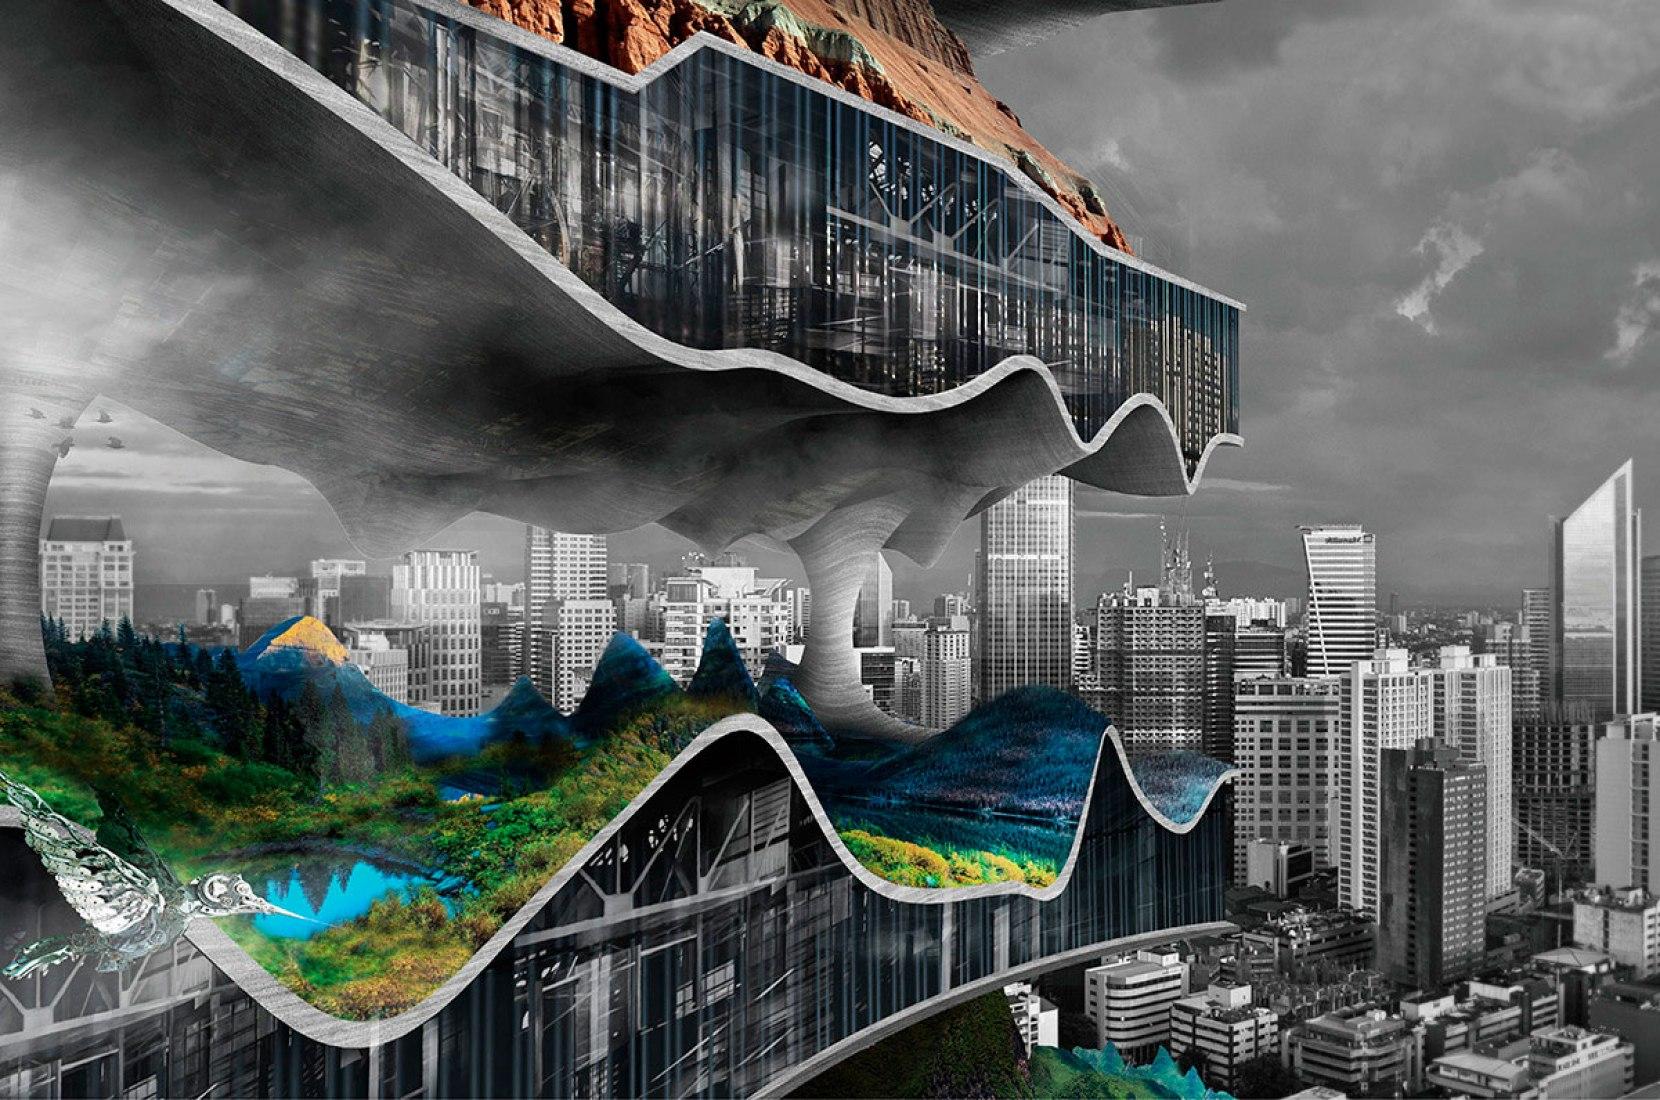 Vertical Factories in Megacities - 2do lugar. Por.- Tianshu Liu, Linshen Xie.